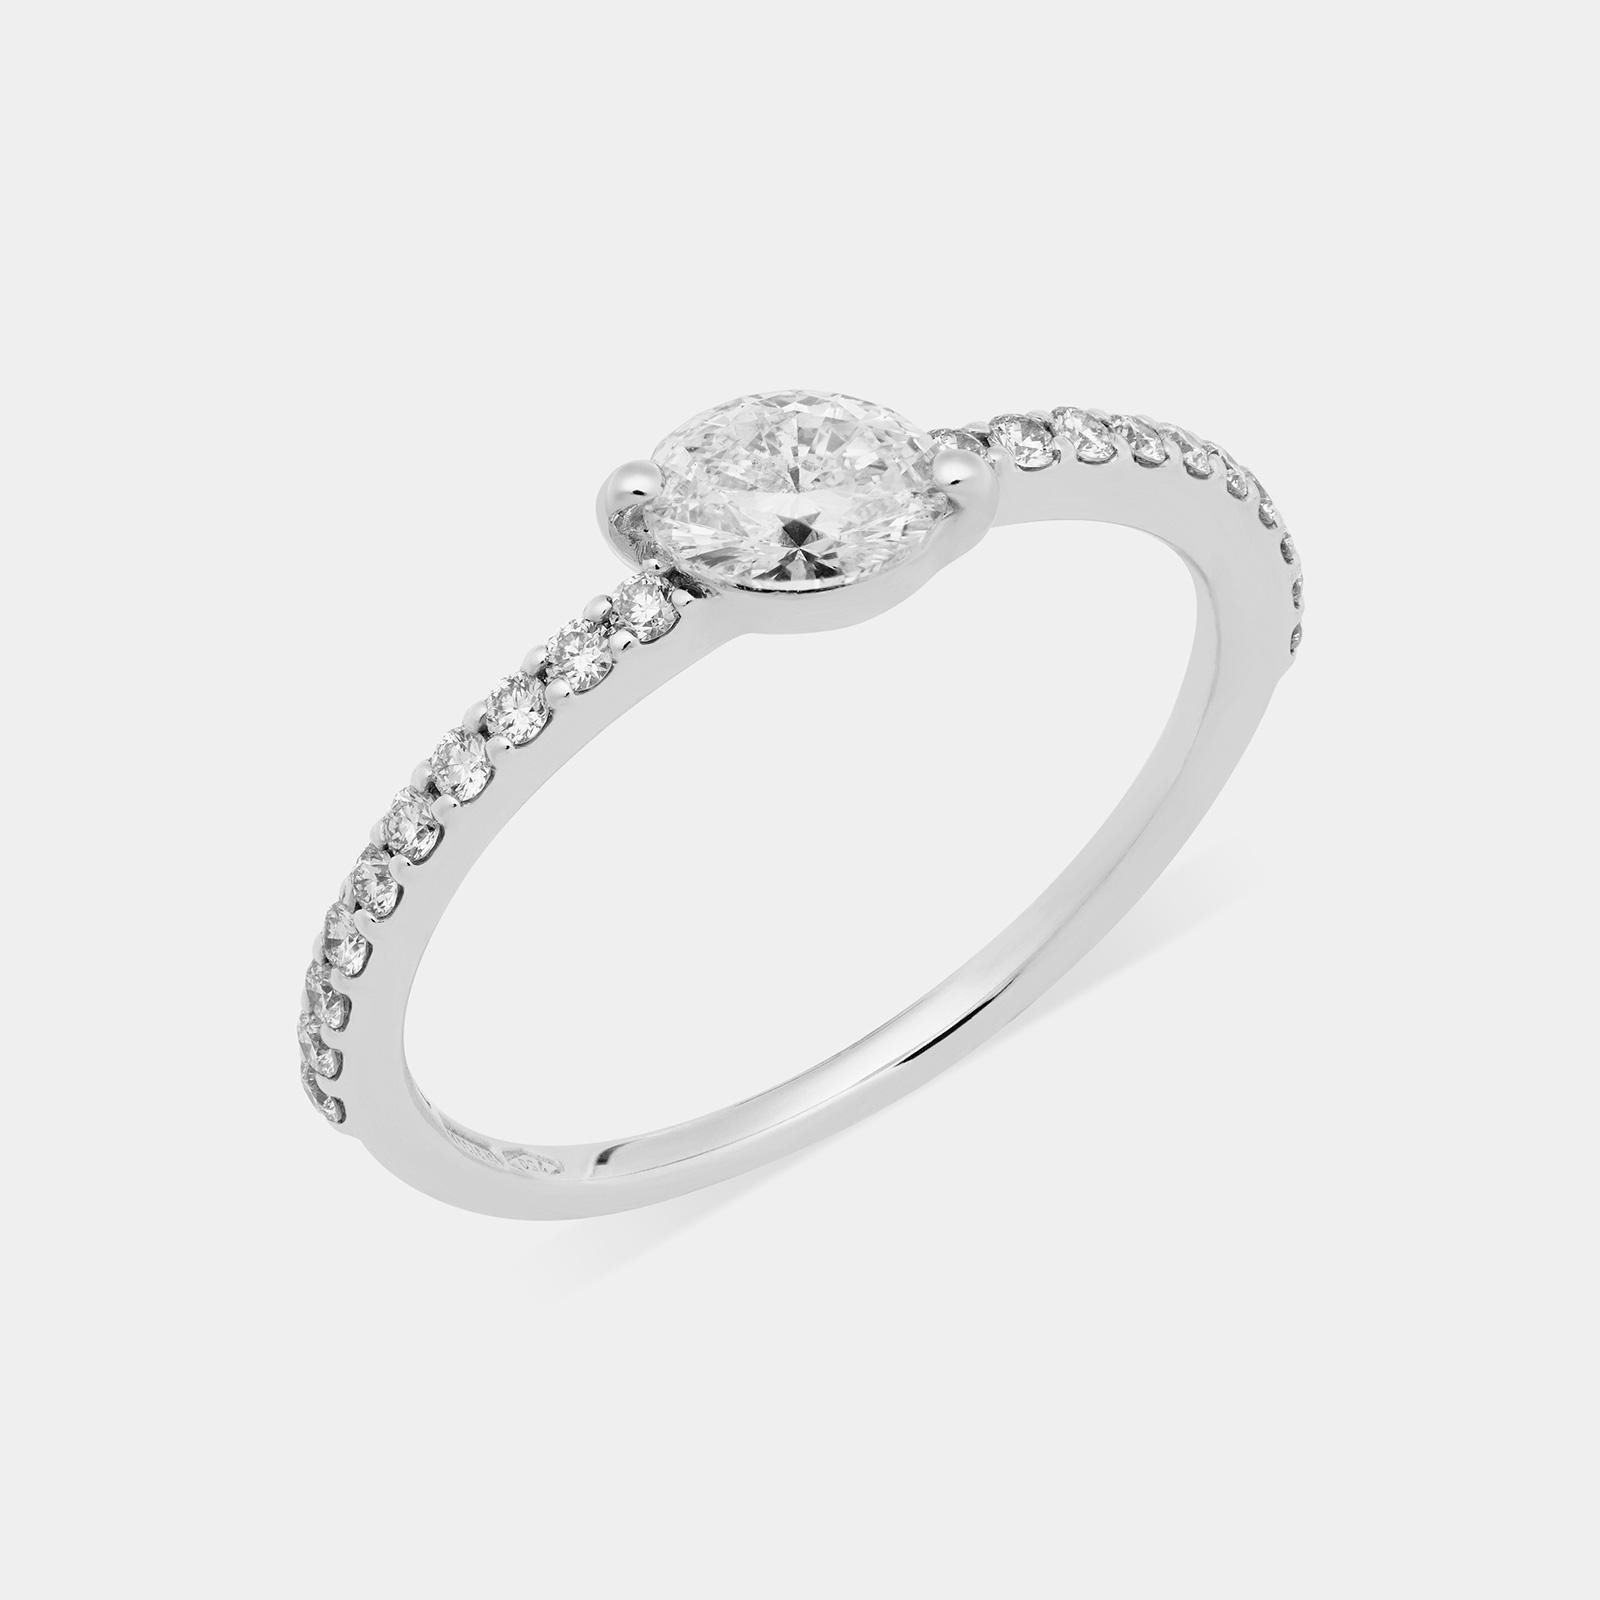 Anello ovale in oro bianco e diamanti - Rosanna Cattolico gioielli